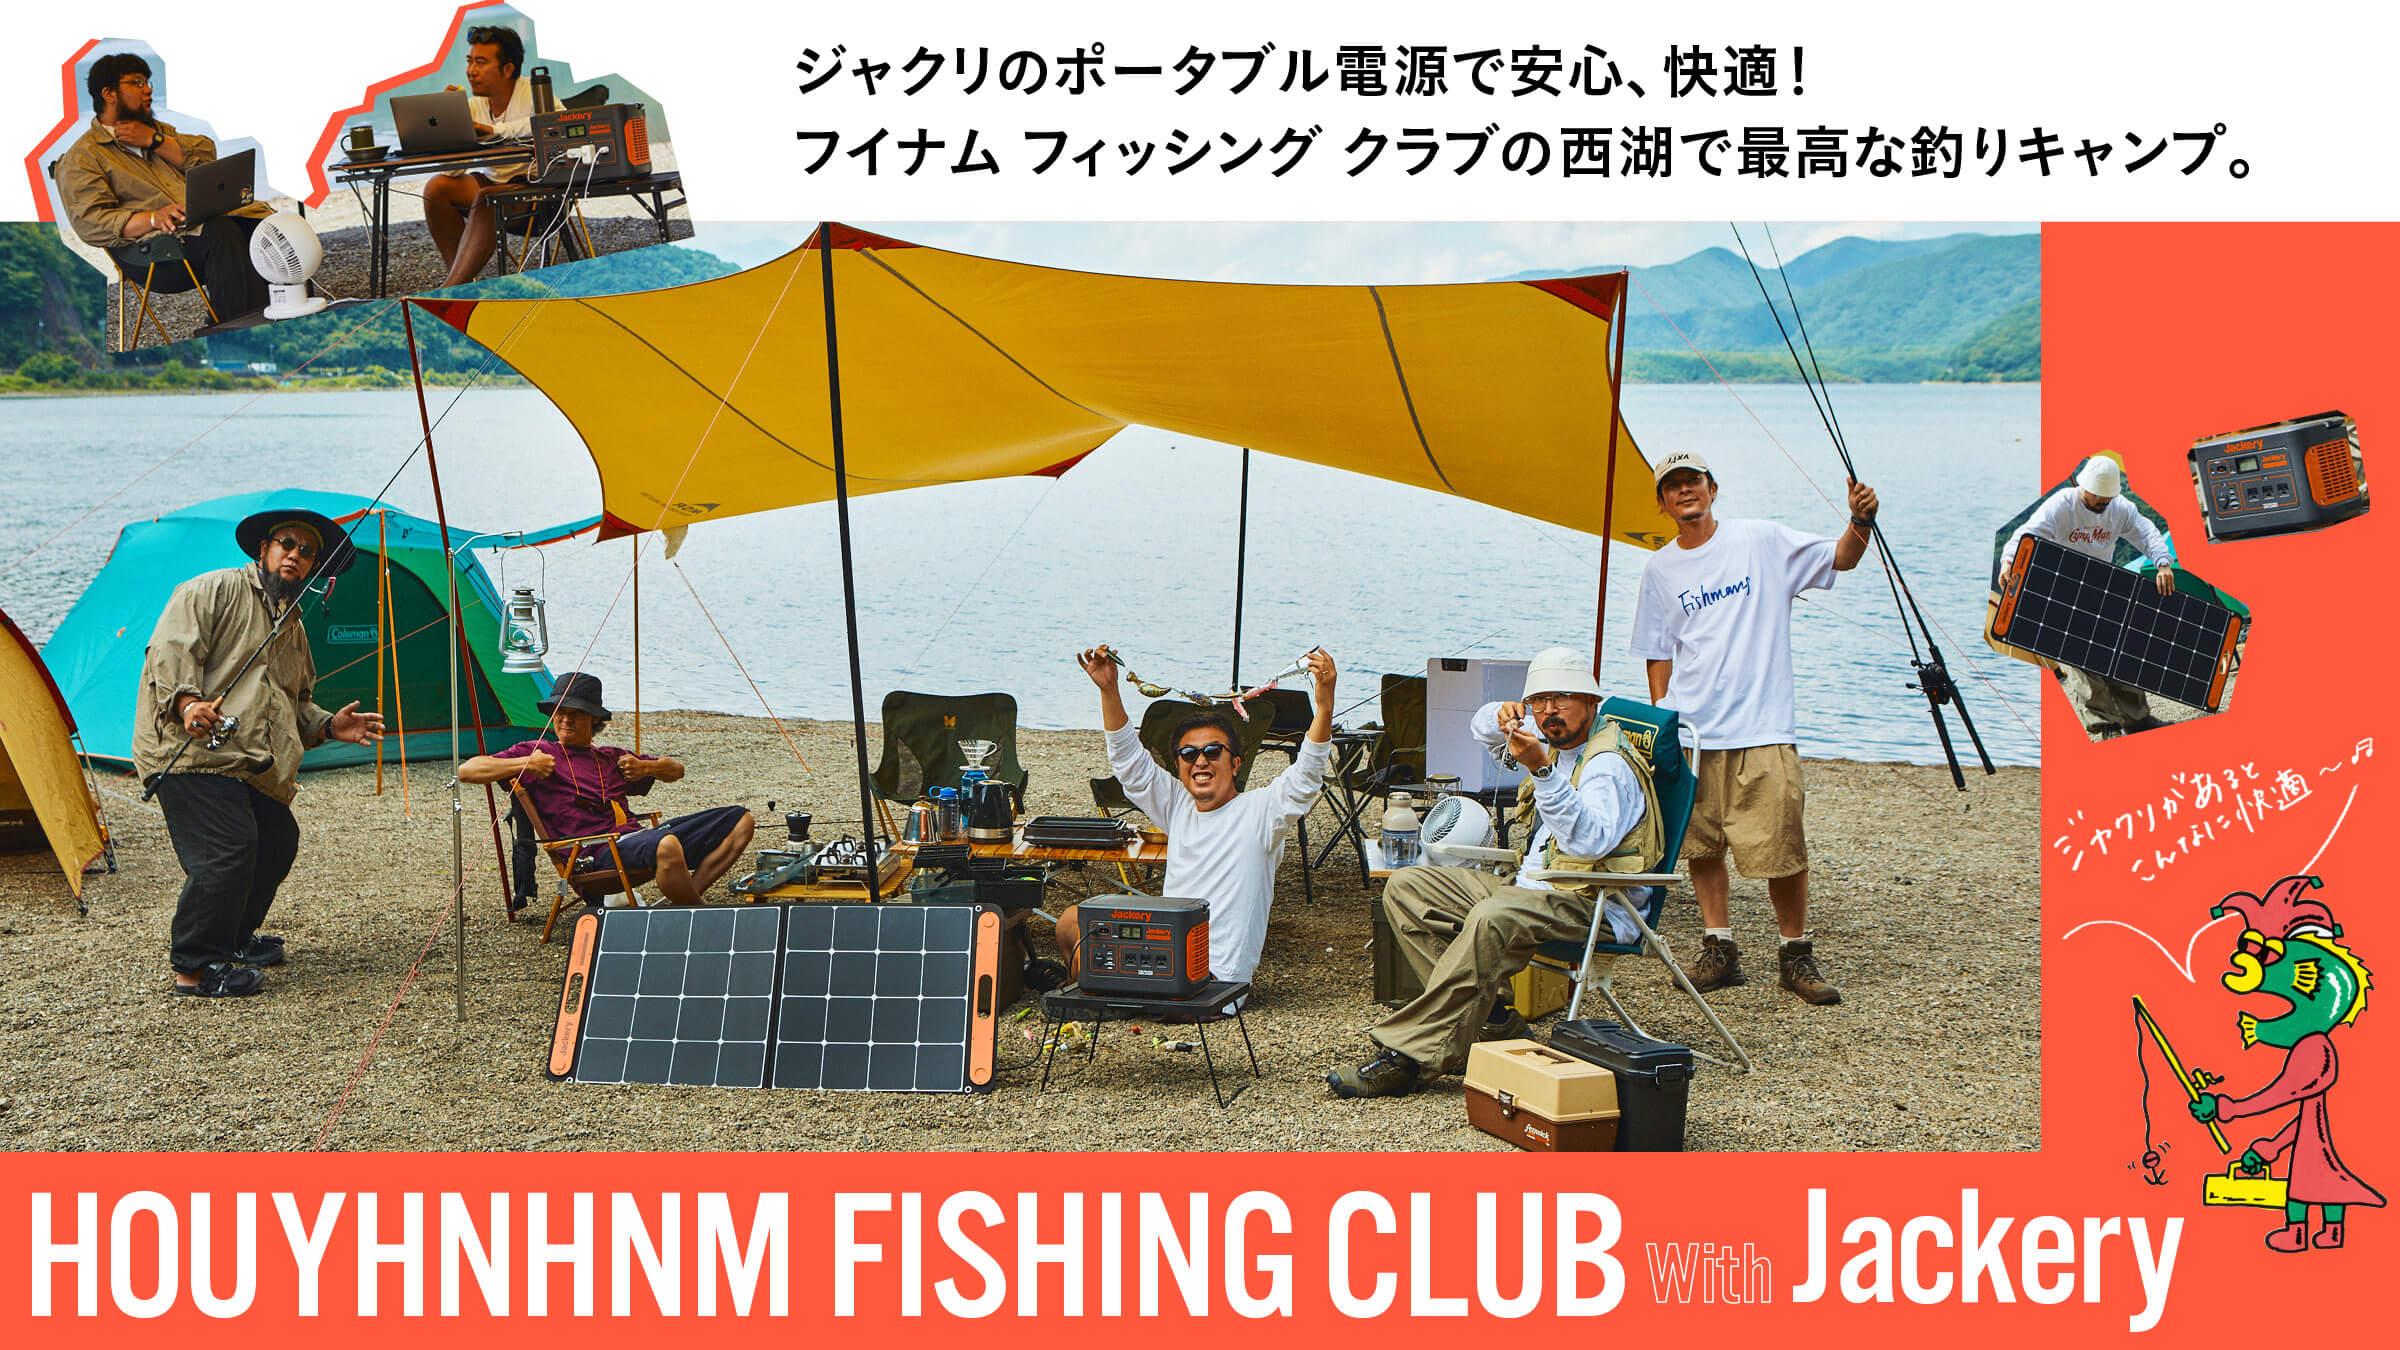 ジャクリのポータブル電源で安心、快適! フイナム フィッシング クラブの西湖で最高な釣りキャンプ。